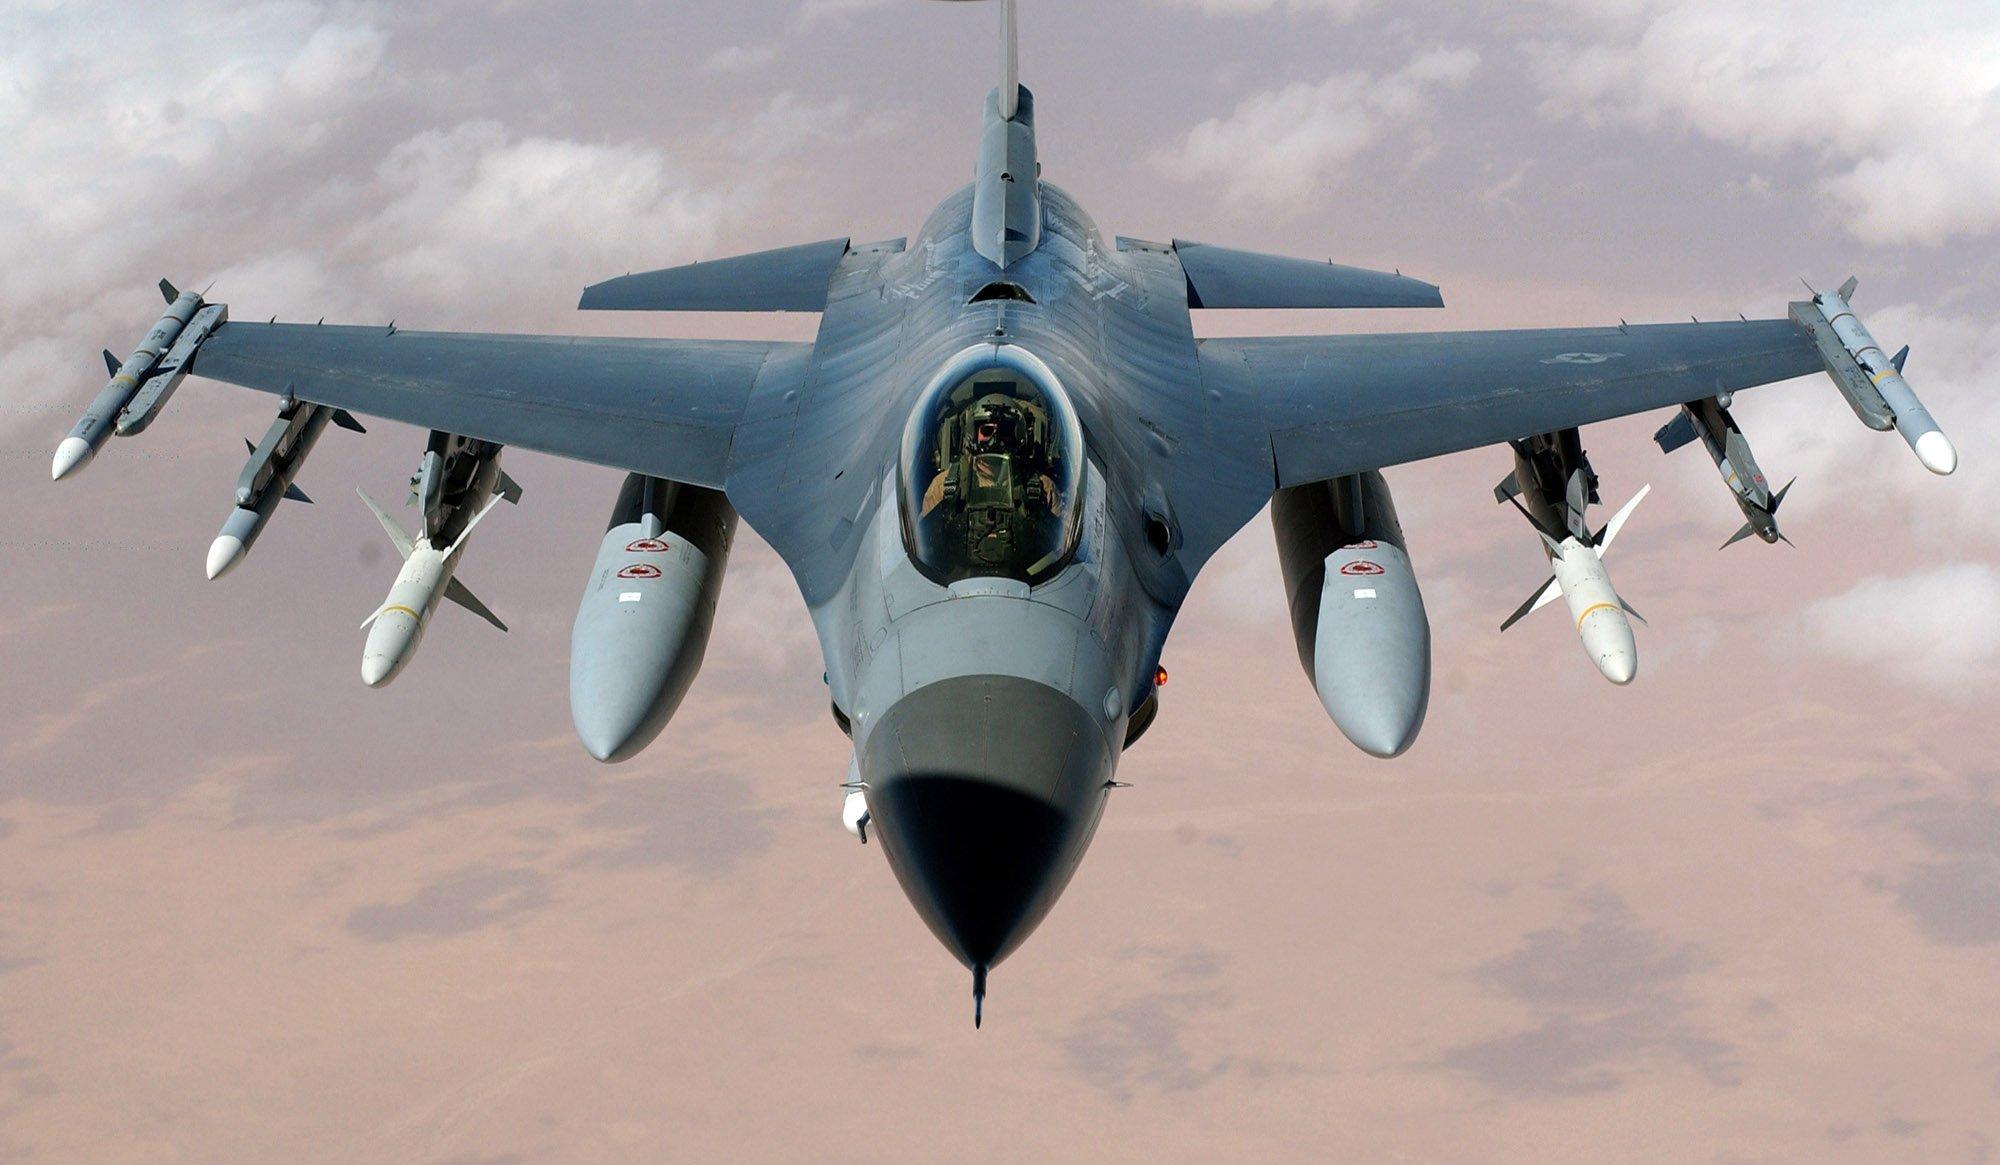 ՀՀ ՊՆ-ն հերքում է թուրքական F-16-ների՝ Հայաստանի սահմանին մոտենալու տեղեկությունը